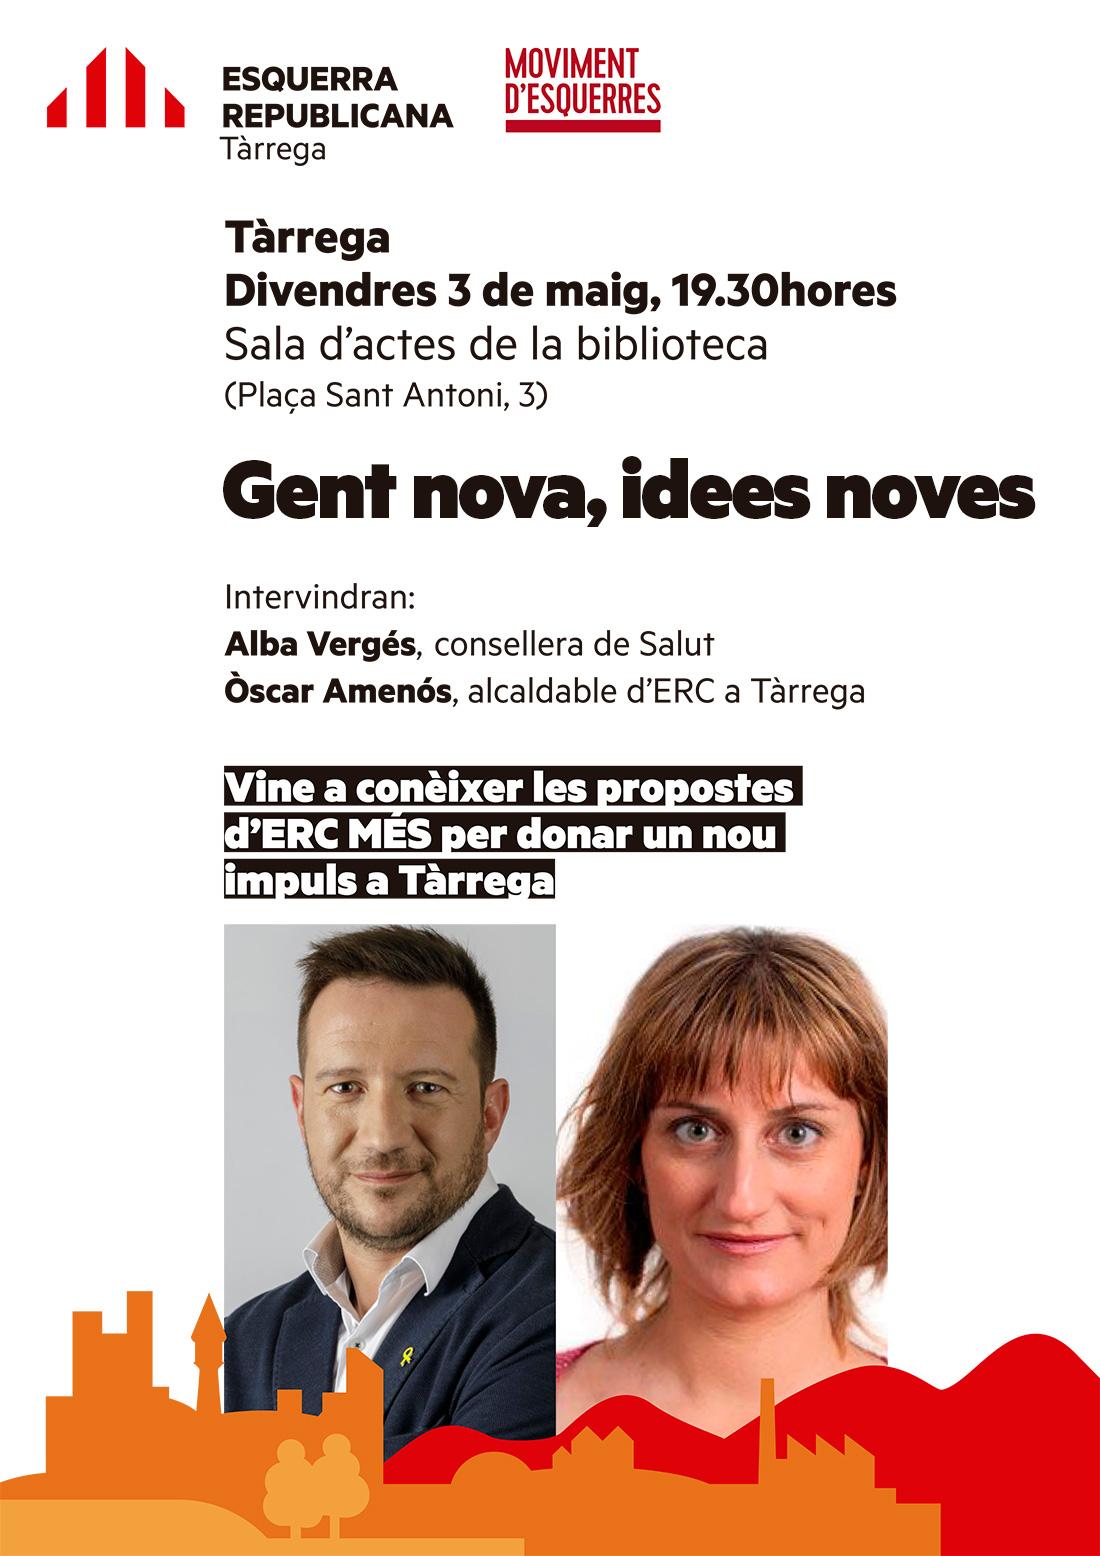 """La consellera de Salut, Alba Vergés, participarà el proper divendres a l'acte """"Gent nova, idees noves"""